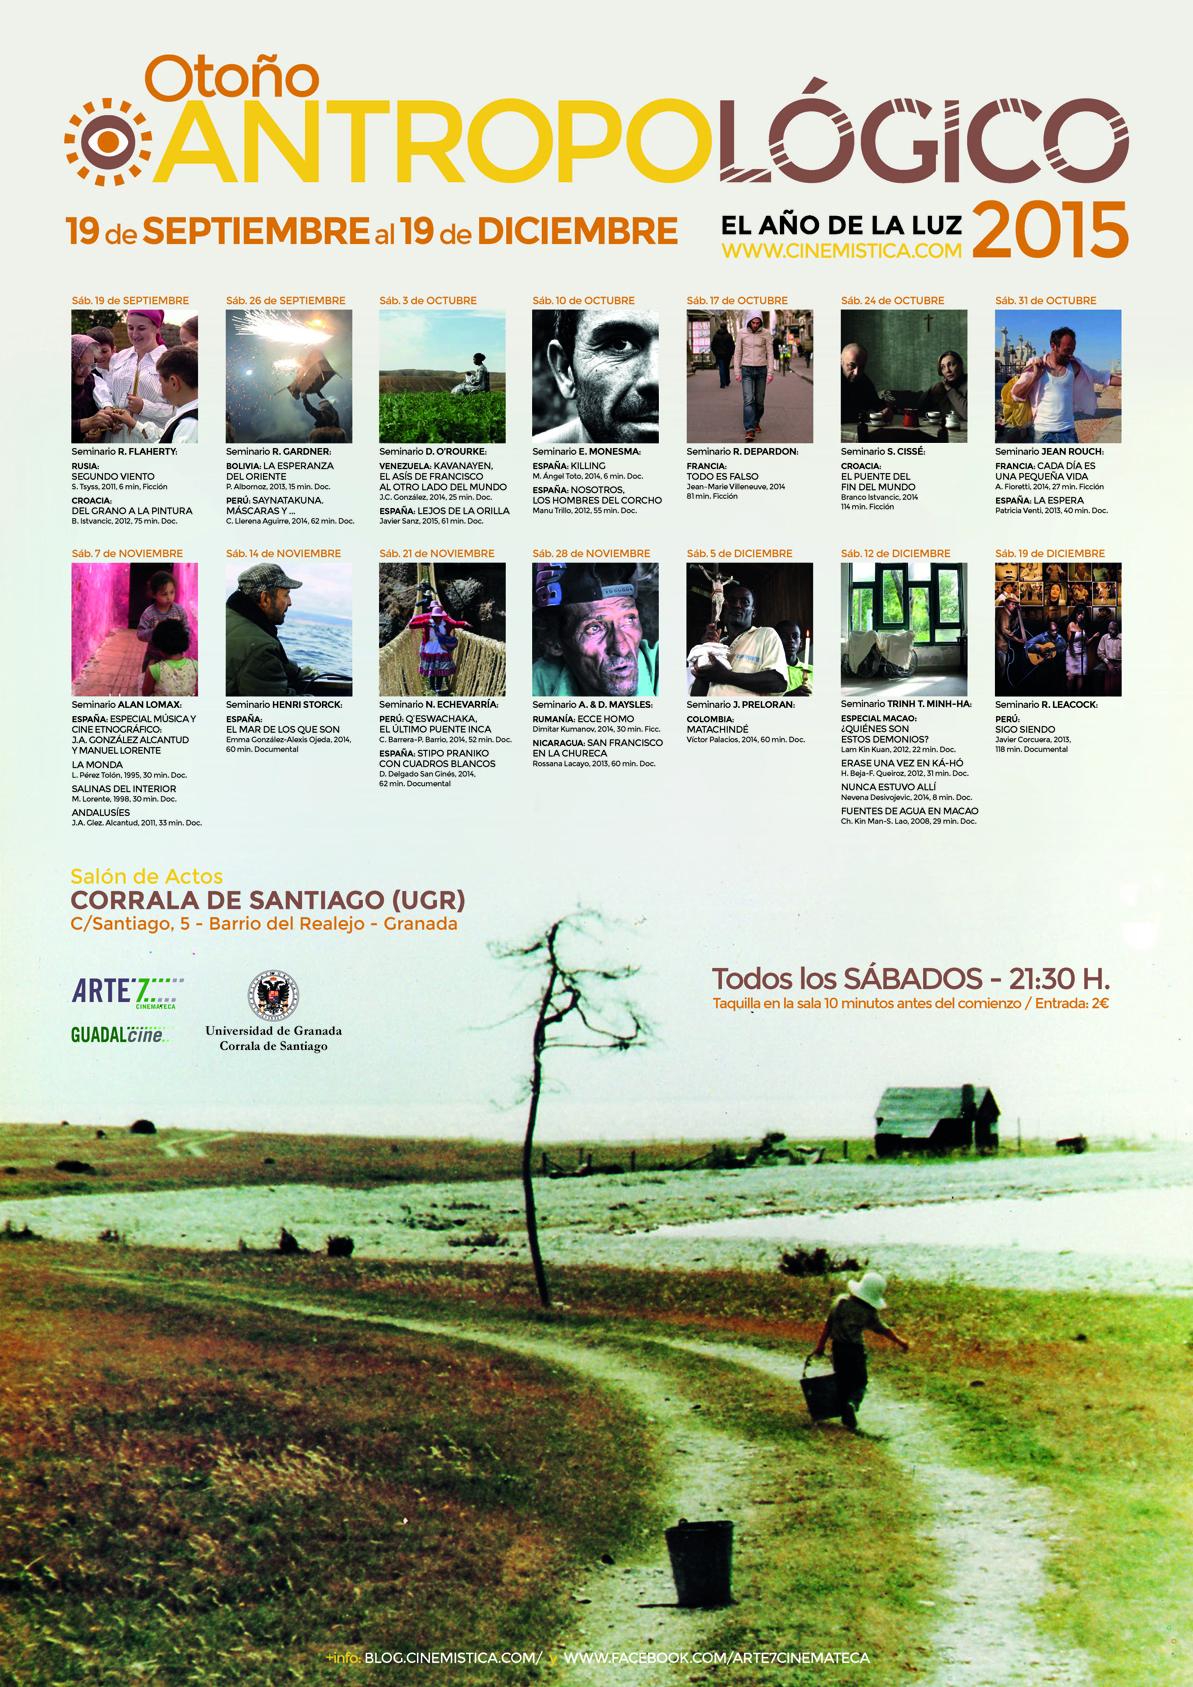 afiche_otoño2015 PEQUEÑO BLOG